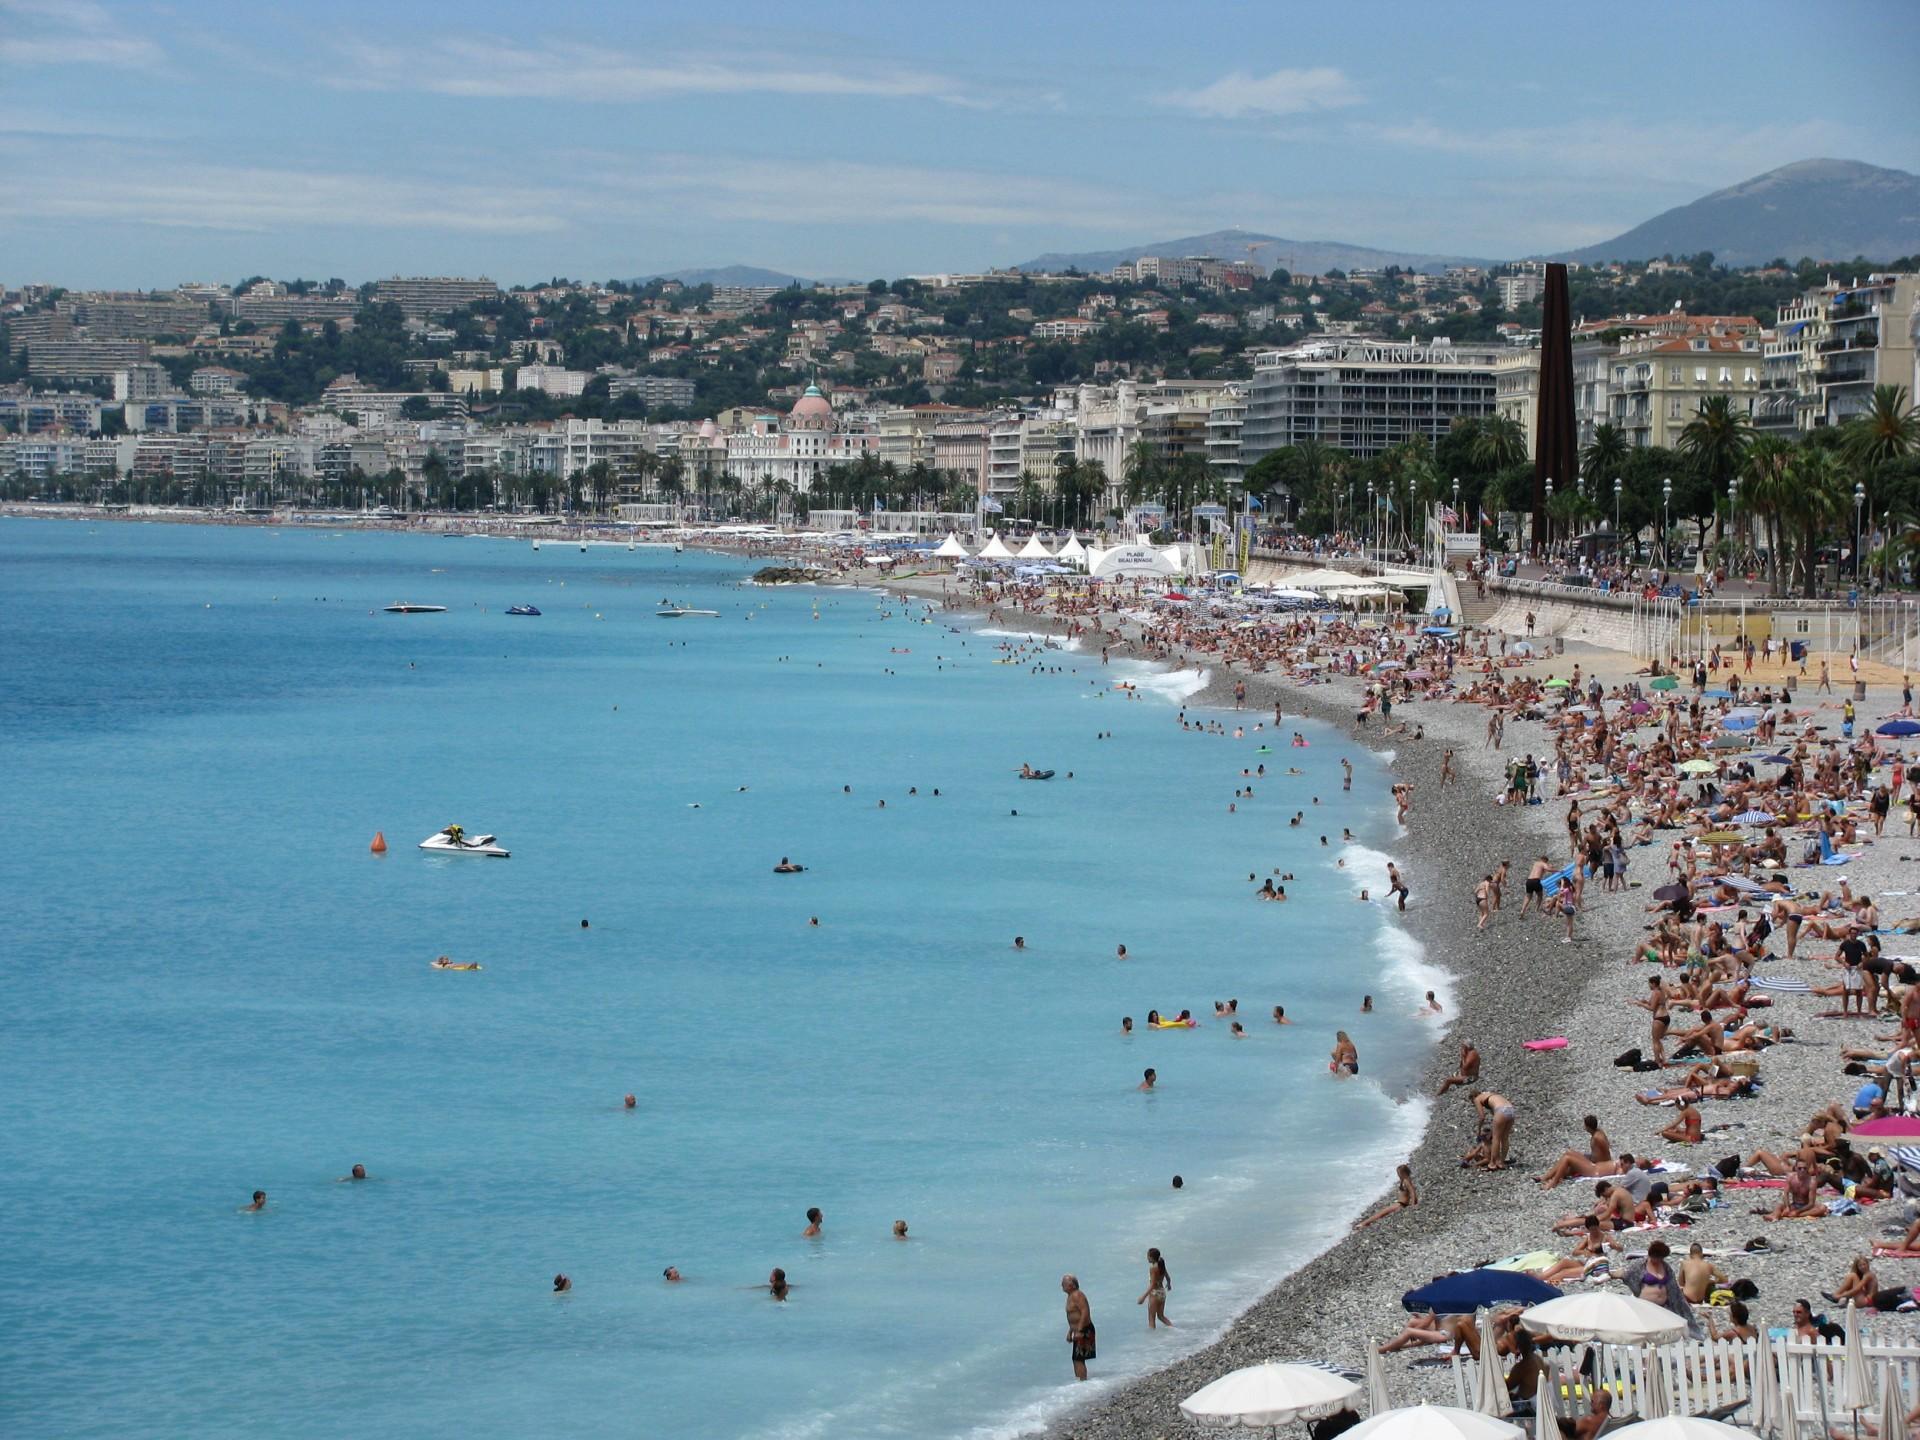 beach-in-nice-france